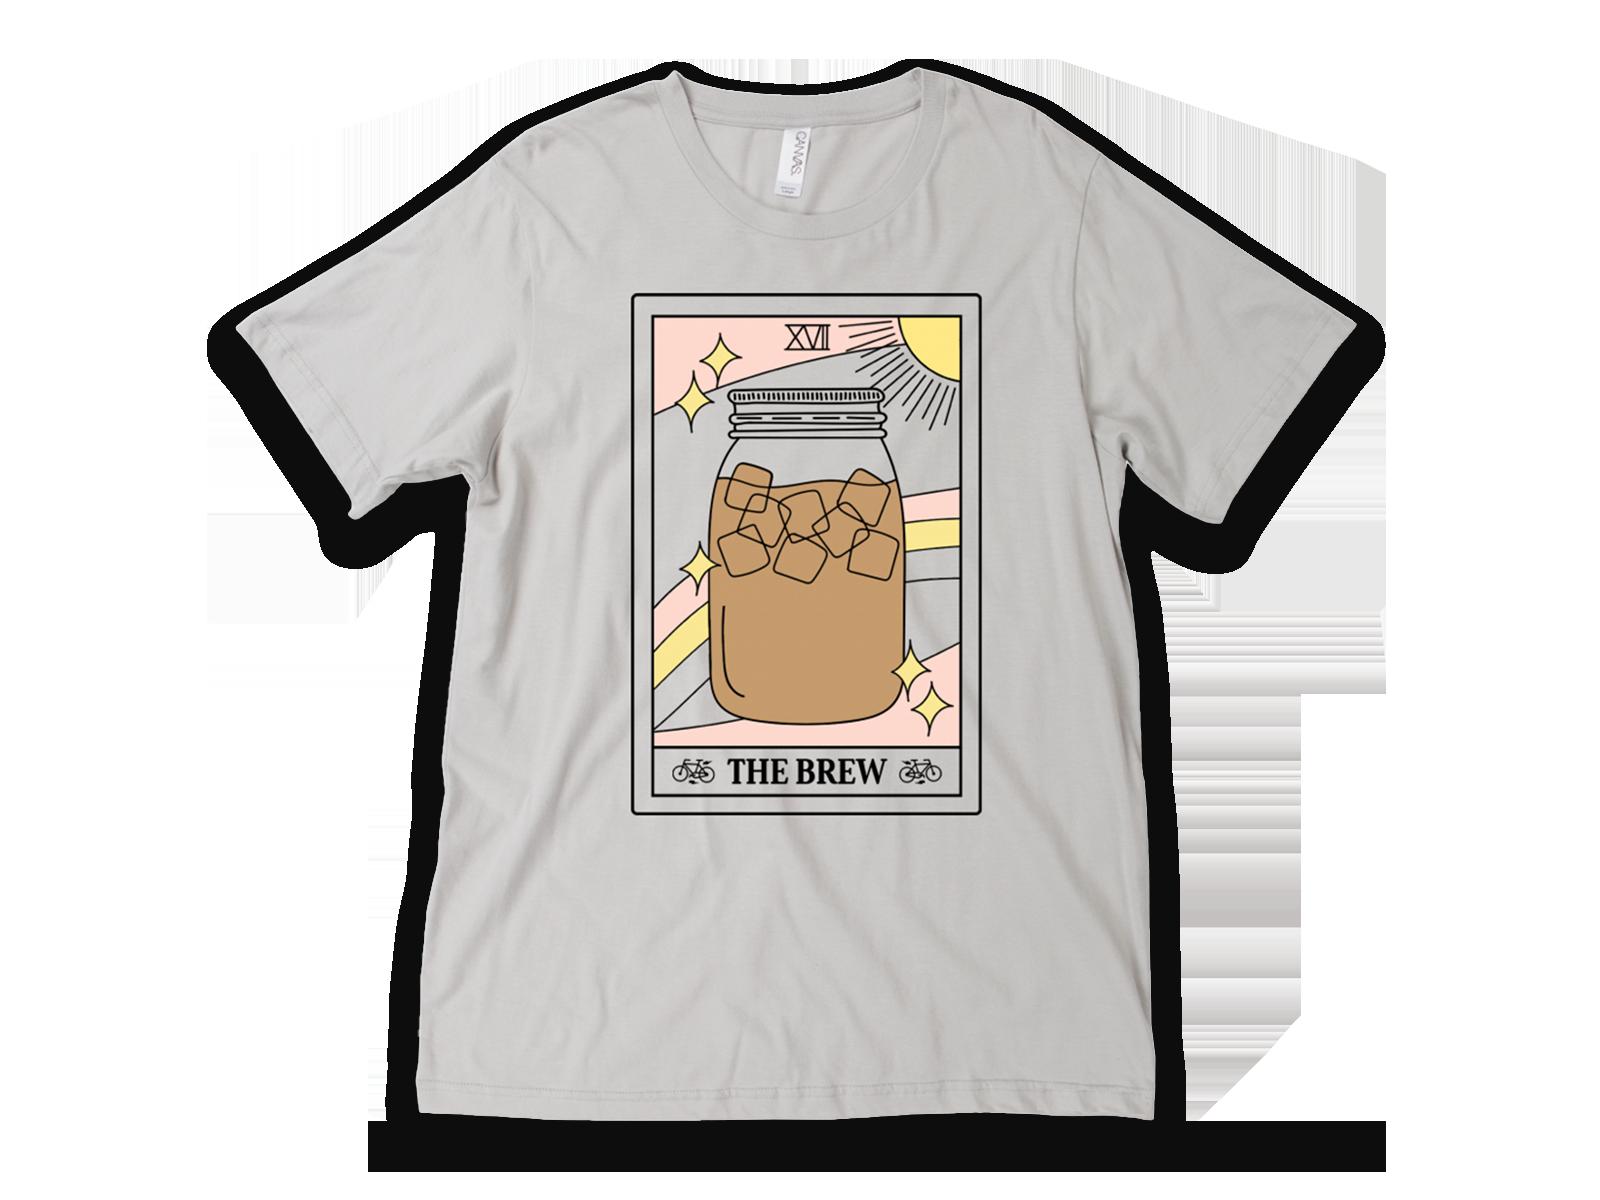 The Brew Tee (Stitch x BrewBike)